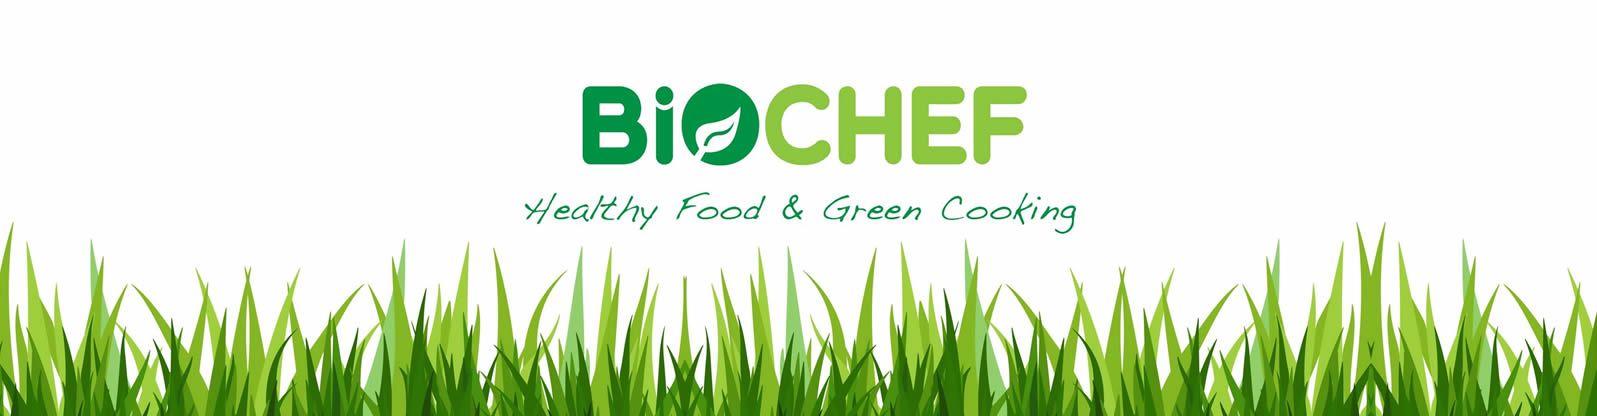 biochef-cat-banner-0001-1